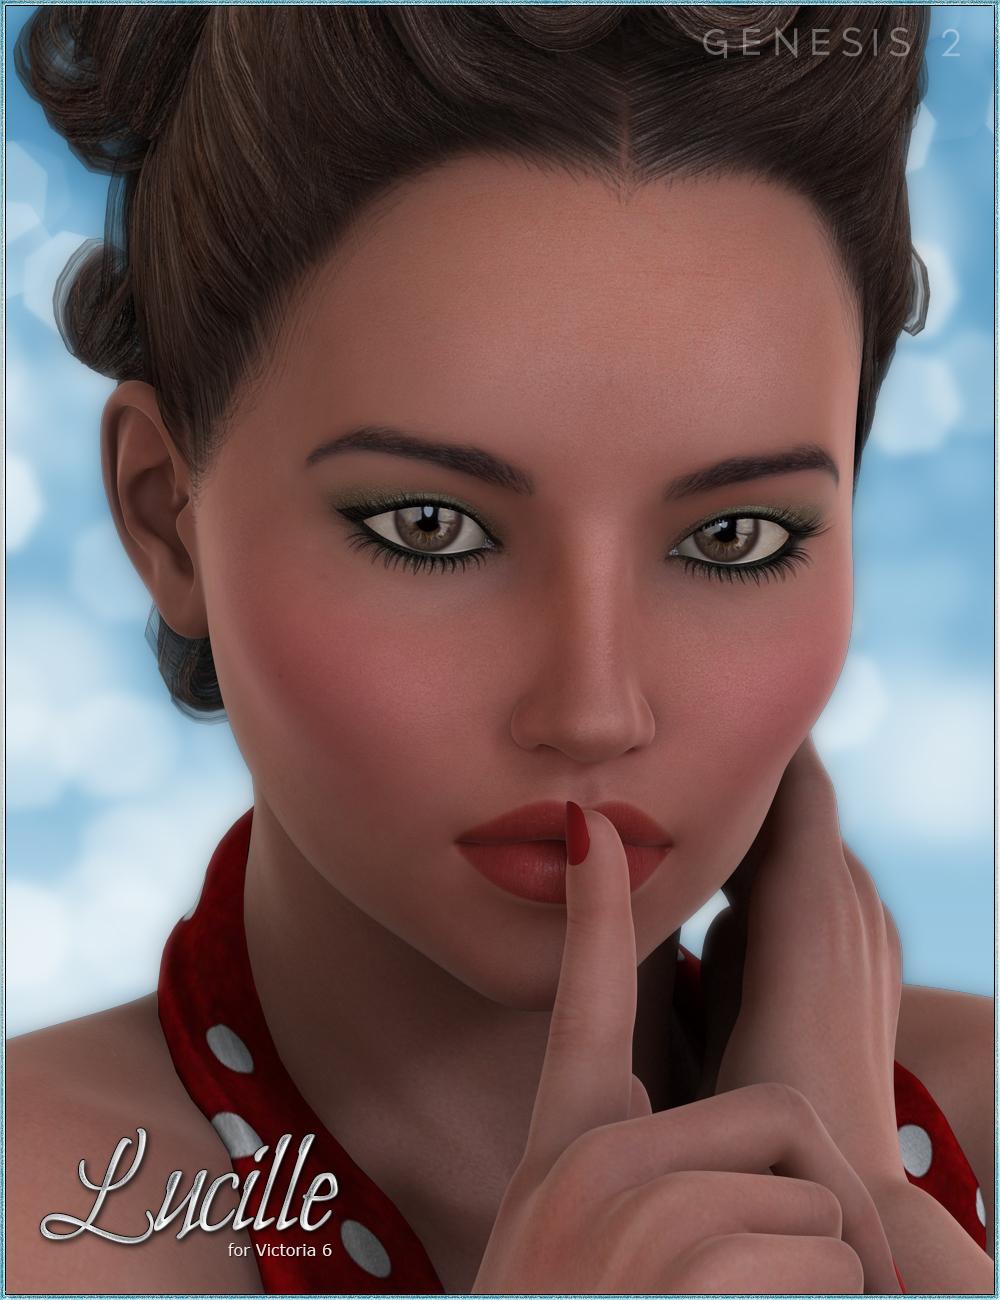 FW Lucille by: Fred Winkler Art, 3D Models by Daz 3D